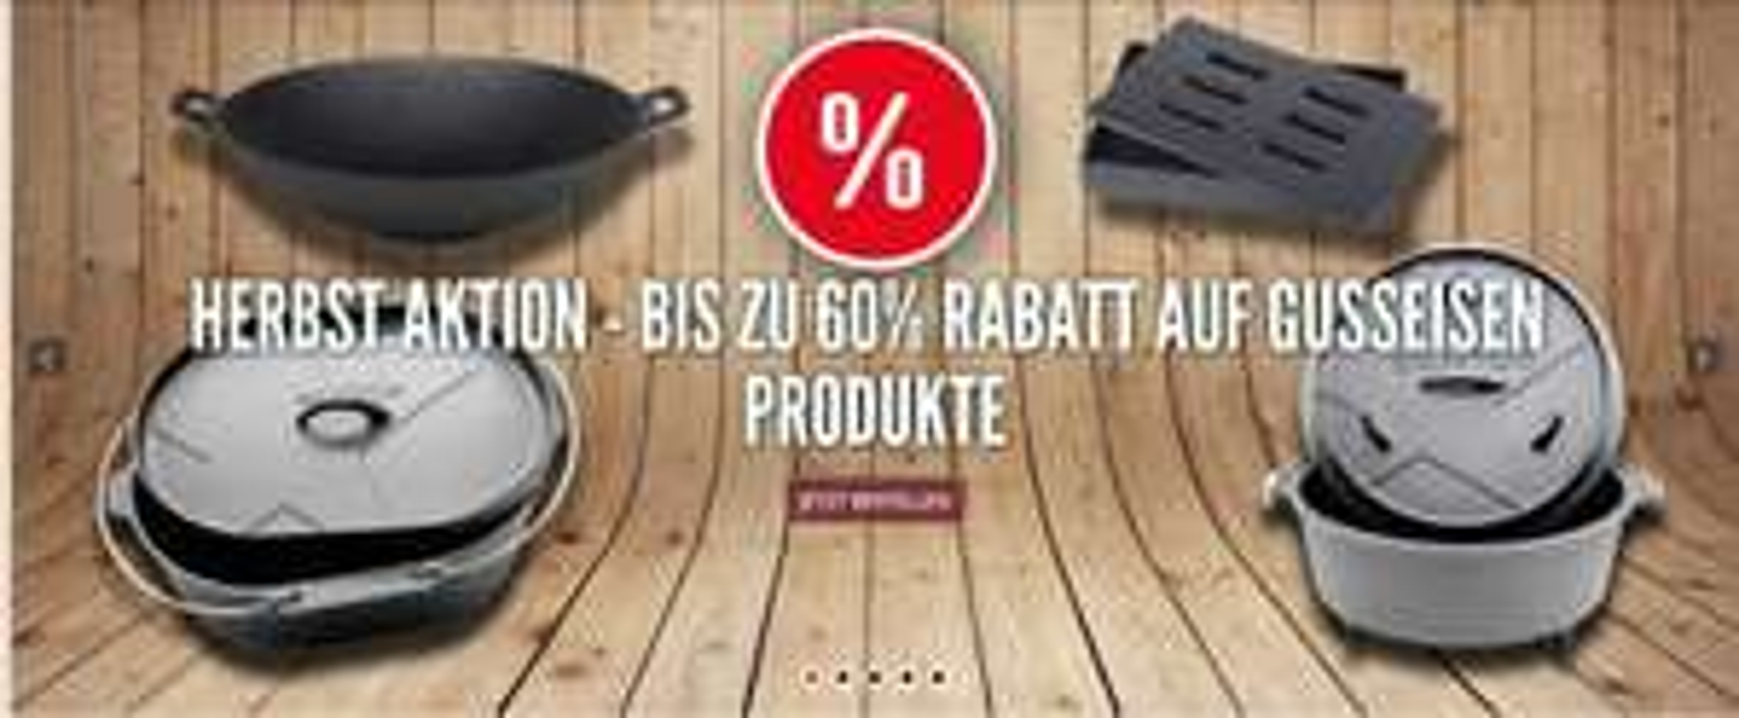 Bis zu 60 % Rabatt bei Santos Grill auf Gusswaren DutchOven, Wok etc. ~On und Offline~